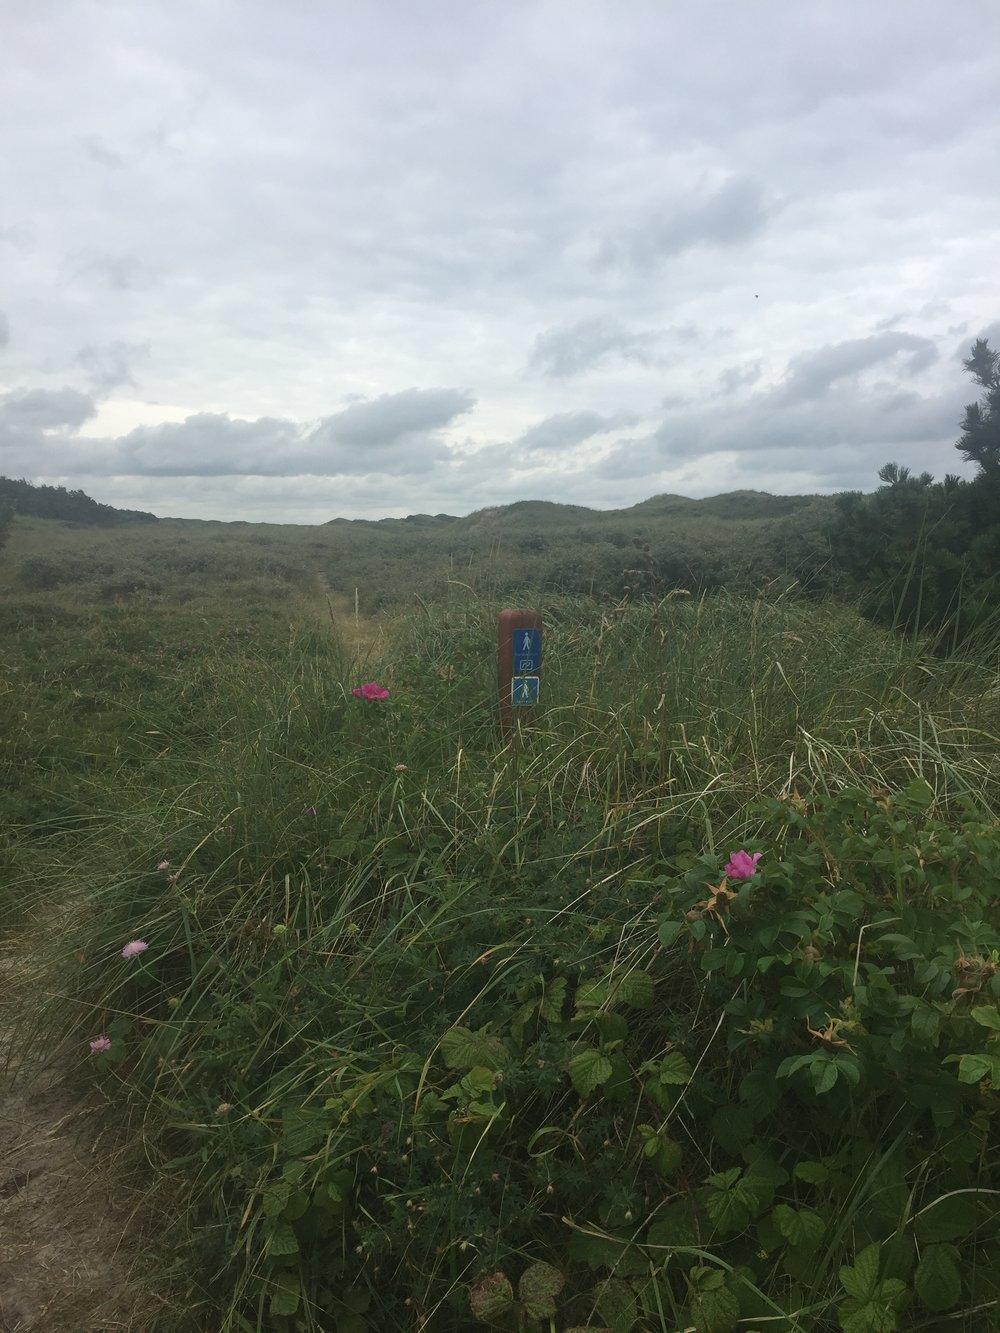 Merking av Hærvejen var ikke alltid lett å se, så her endte jeg å gå 3 km ekstra. Jeg forlater stranden for en stund og går og på noen gjengrodde stier.